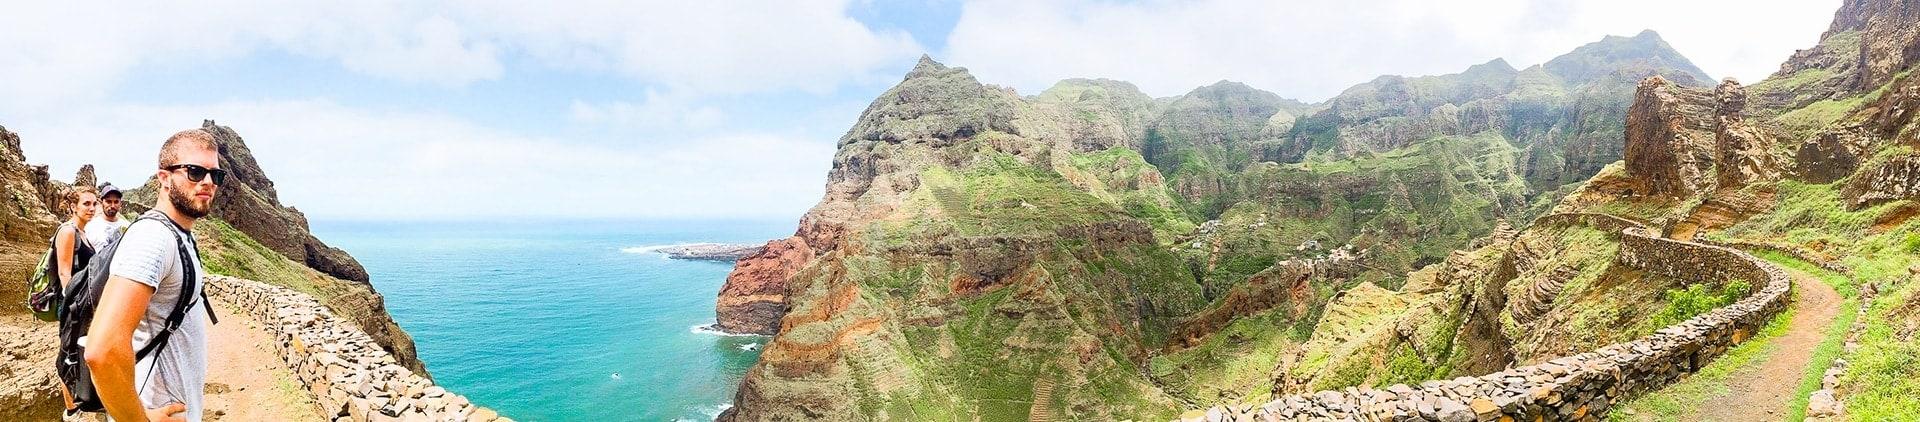 Vue panoramique du sentier qui borde l'île de Santo Antao